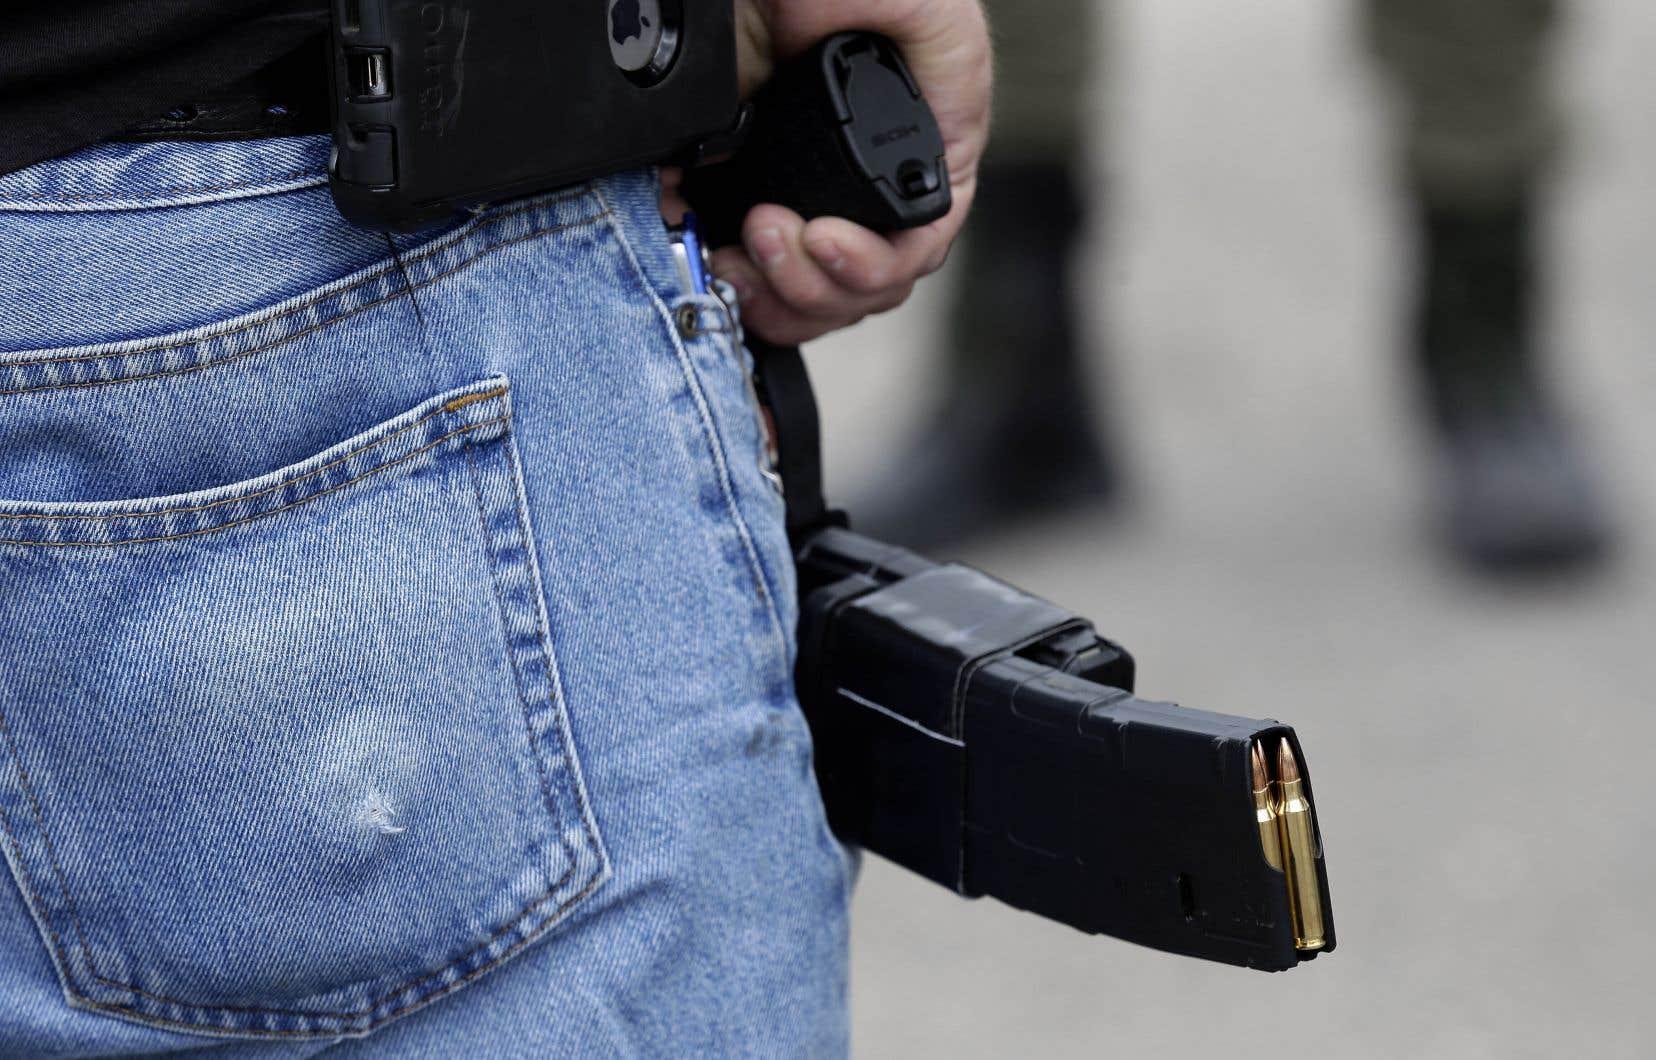 Dans l'ADN du Québec, la culture de l'arme à feu est largement rejetée, probablement plus que dans le ROC, écrit l'auteur.